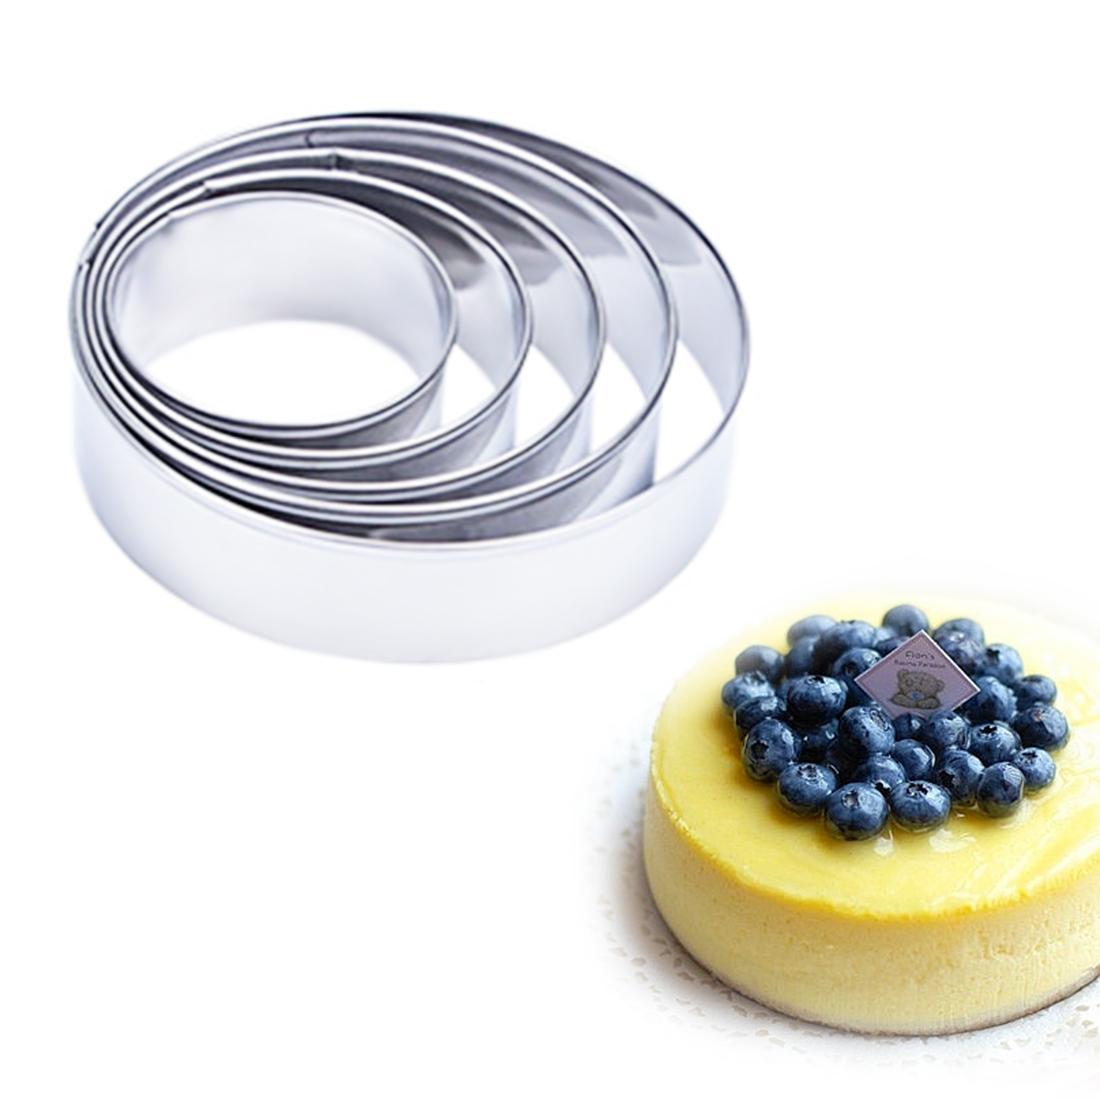 5pcs / set 원형 원형 모양 금속 과자 절단기 부엌 Bakeware 생일 퐁당 케이크 곰팡이 초콜릿 스텐실 제빵 도구